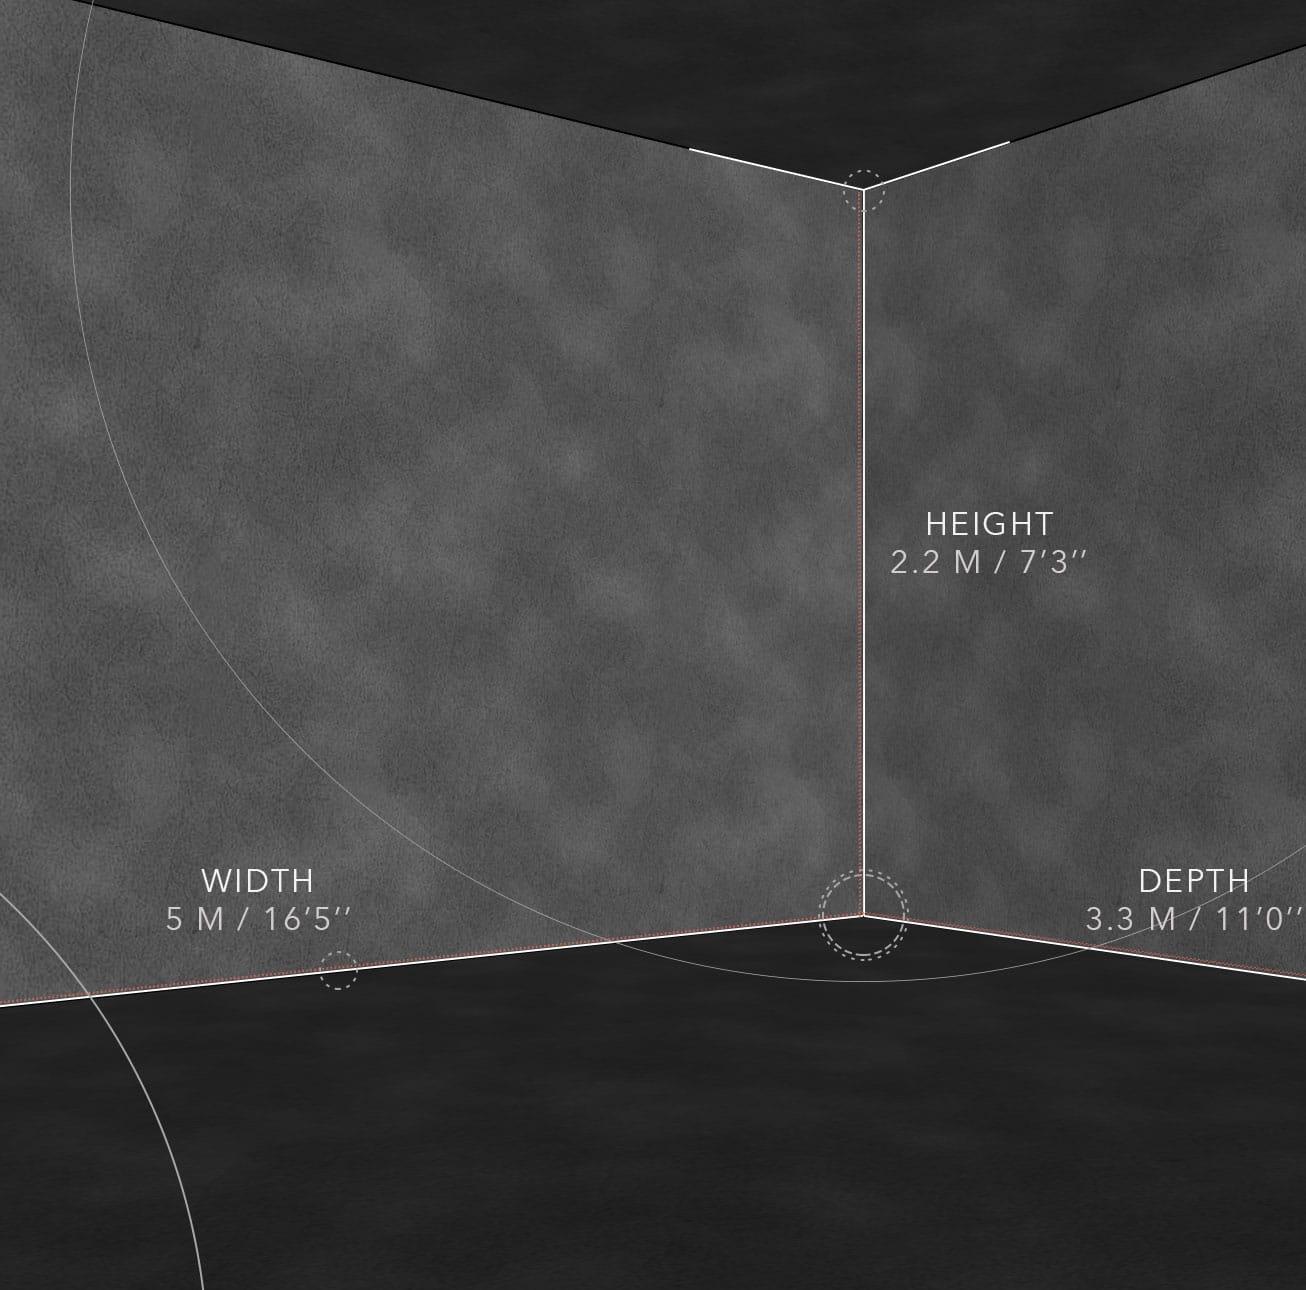 Simulateur de tir ST-2 Dimensions-PREMIUM